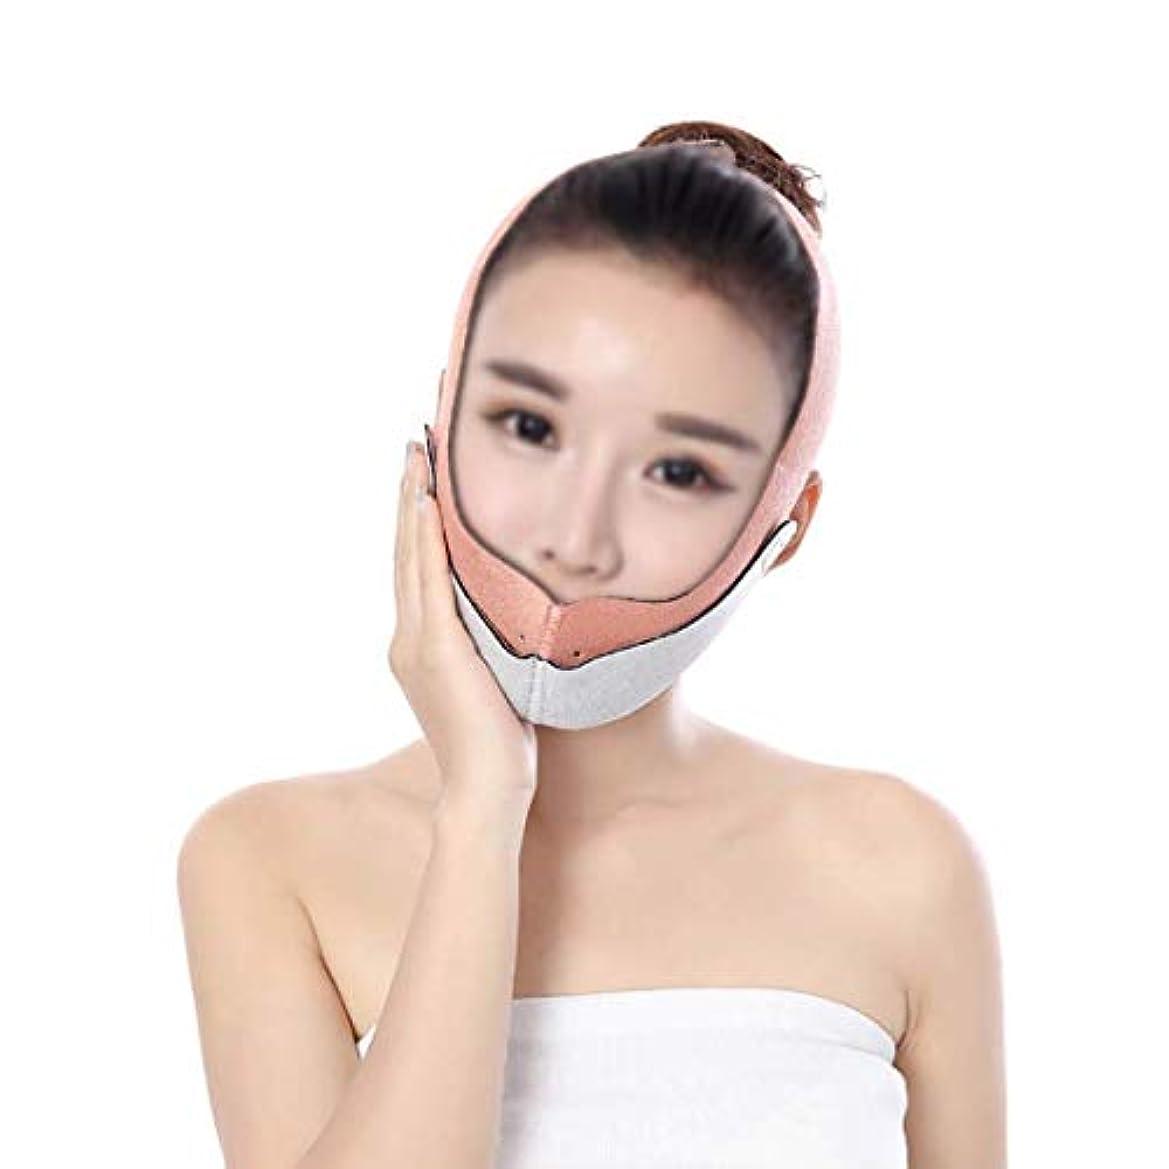 回復する魔女ラグファーミングフェイスマスク、フェイスリフティングアーティファクト修正フェイスリフティングベルトたるみ防止包帯美容マスクマスクV顔布ツール